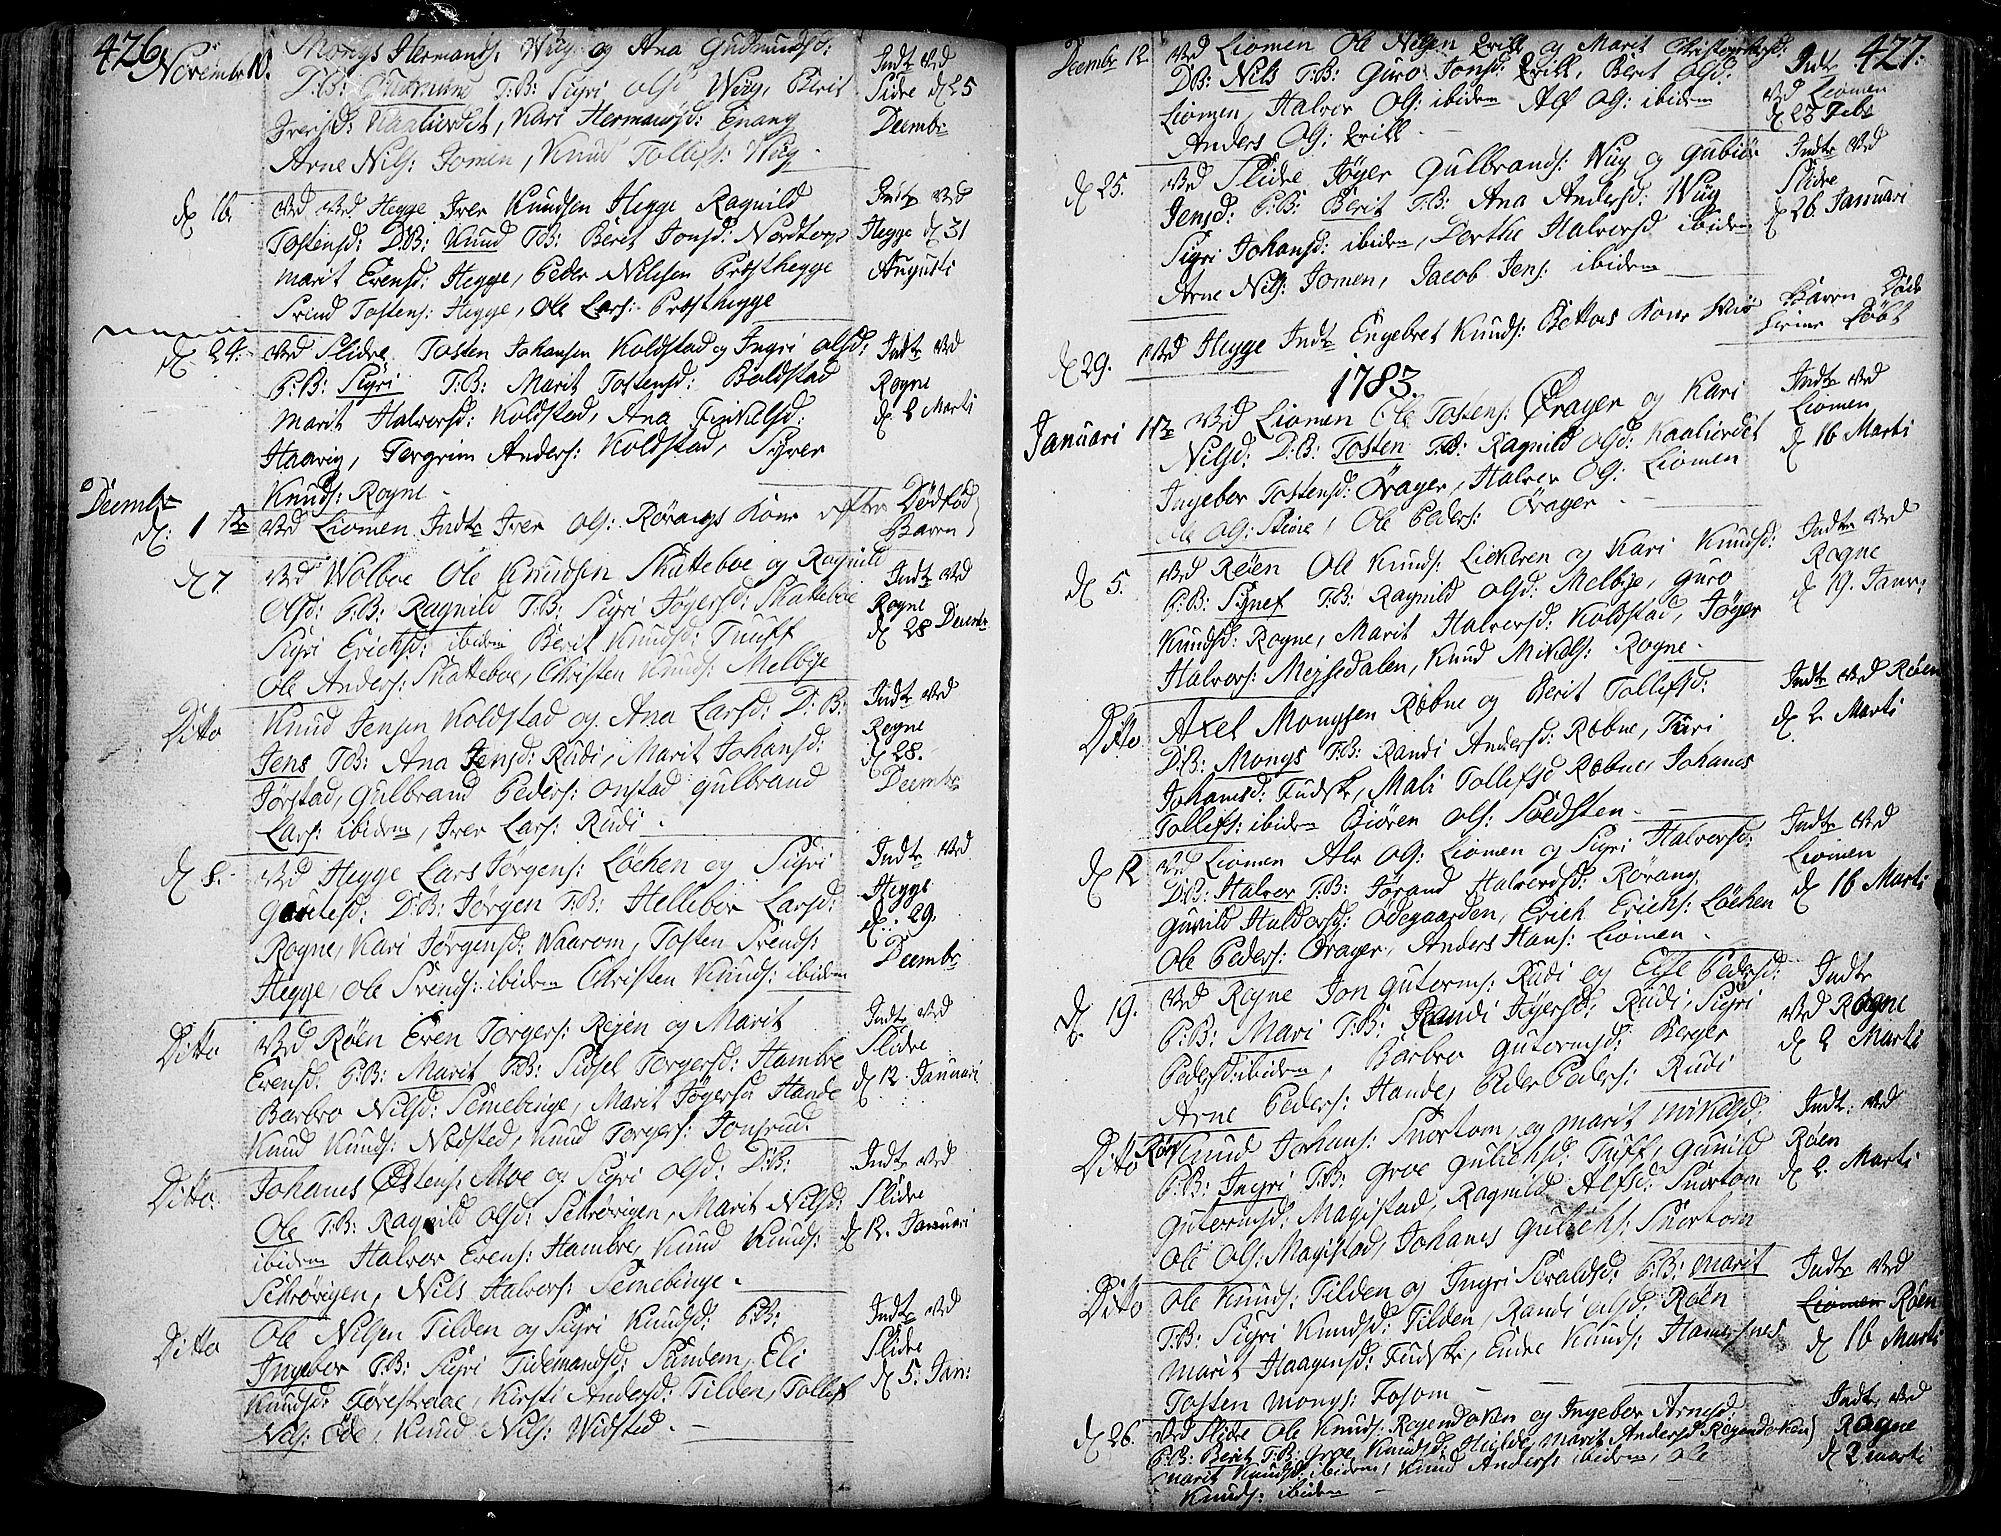 SAH, Slidre prestekontor, Ministerialbok nr. 1, 1724-1814, s. 426-427